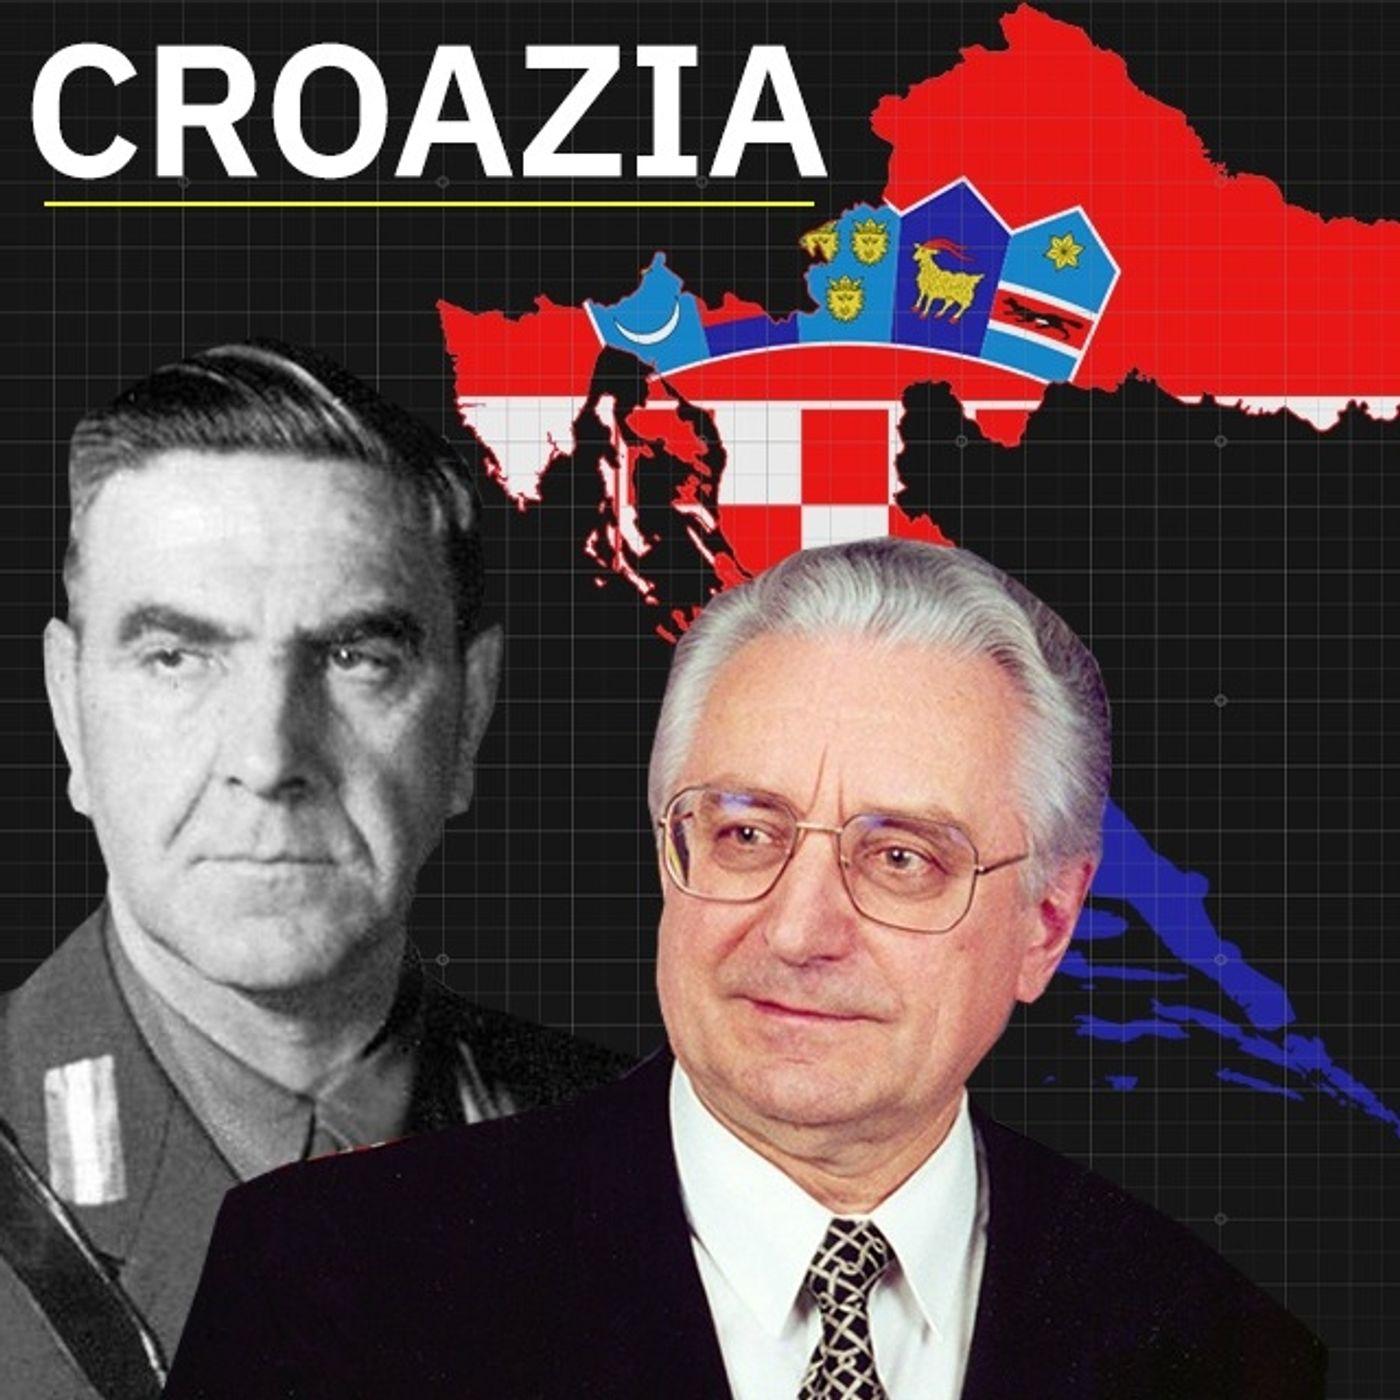 Storia della Croazia: da Ante Pavelić all'Unione Europea